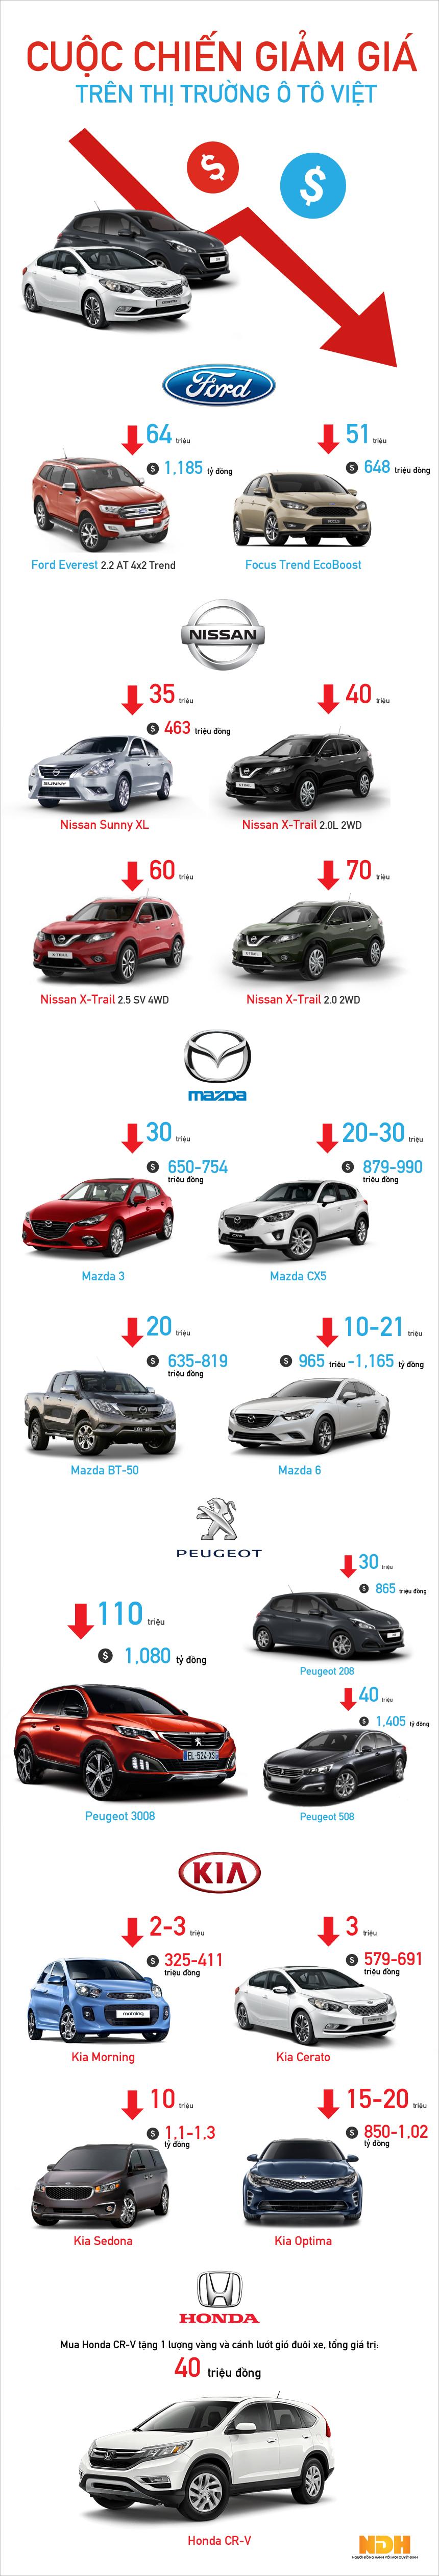 ô tô giảm, giá ô tô, nhập khẩu ô tô, ô tô Indonesia, ô tô ấn độ, thuế ô tô